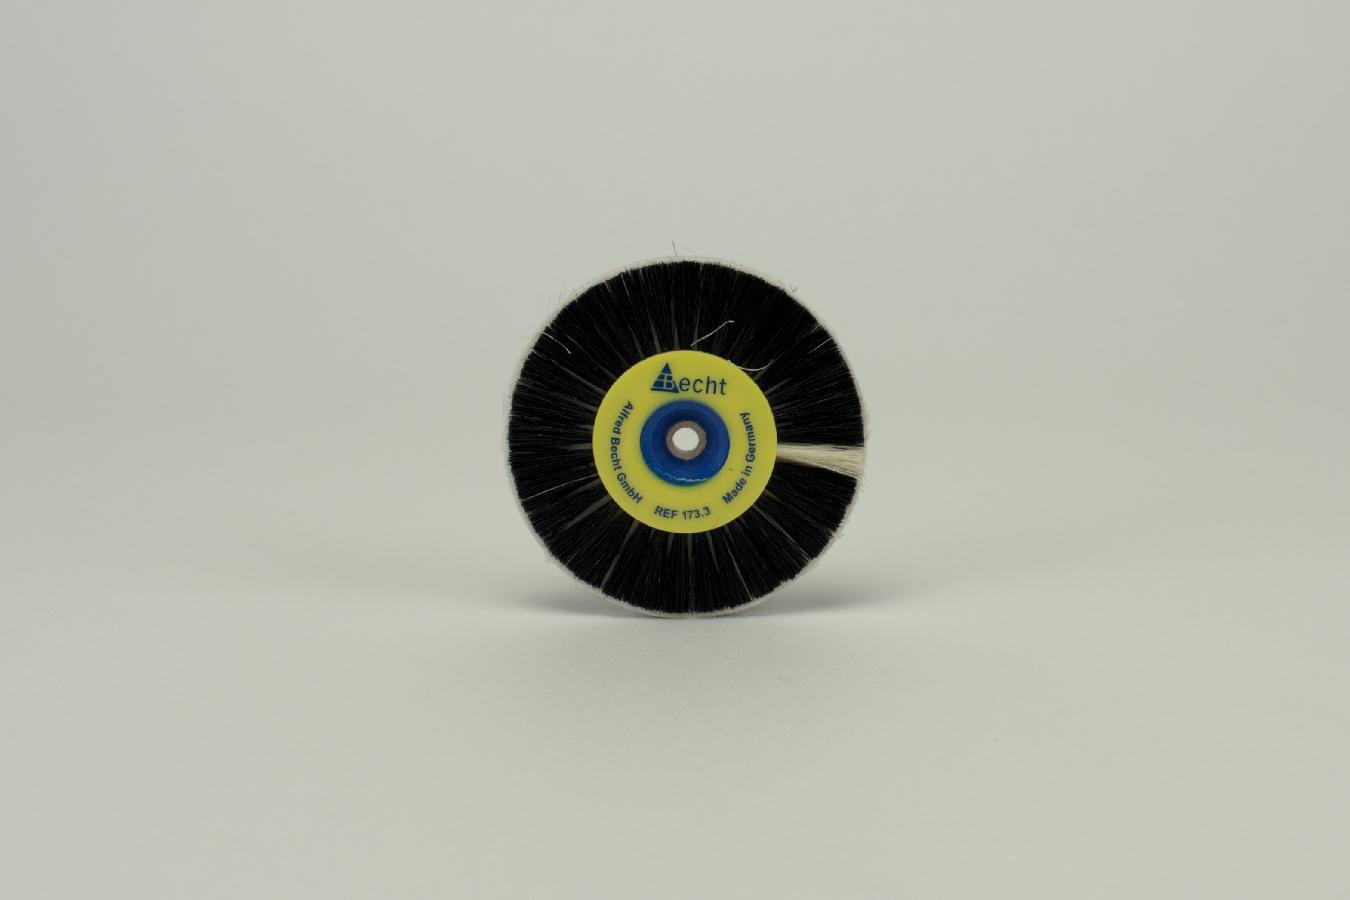 Polierbürste/Einlage 173.3 40/80mm